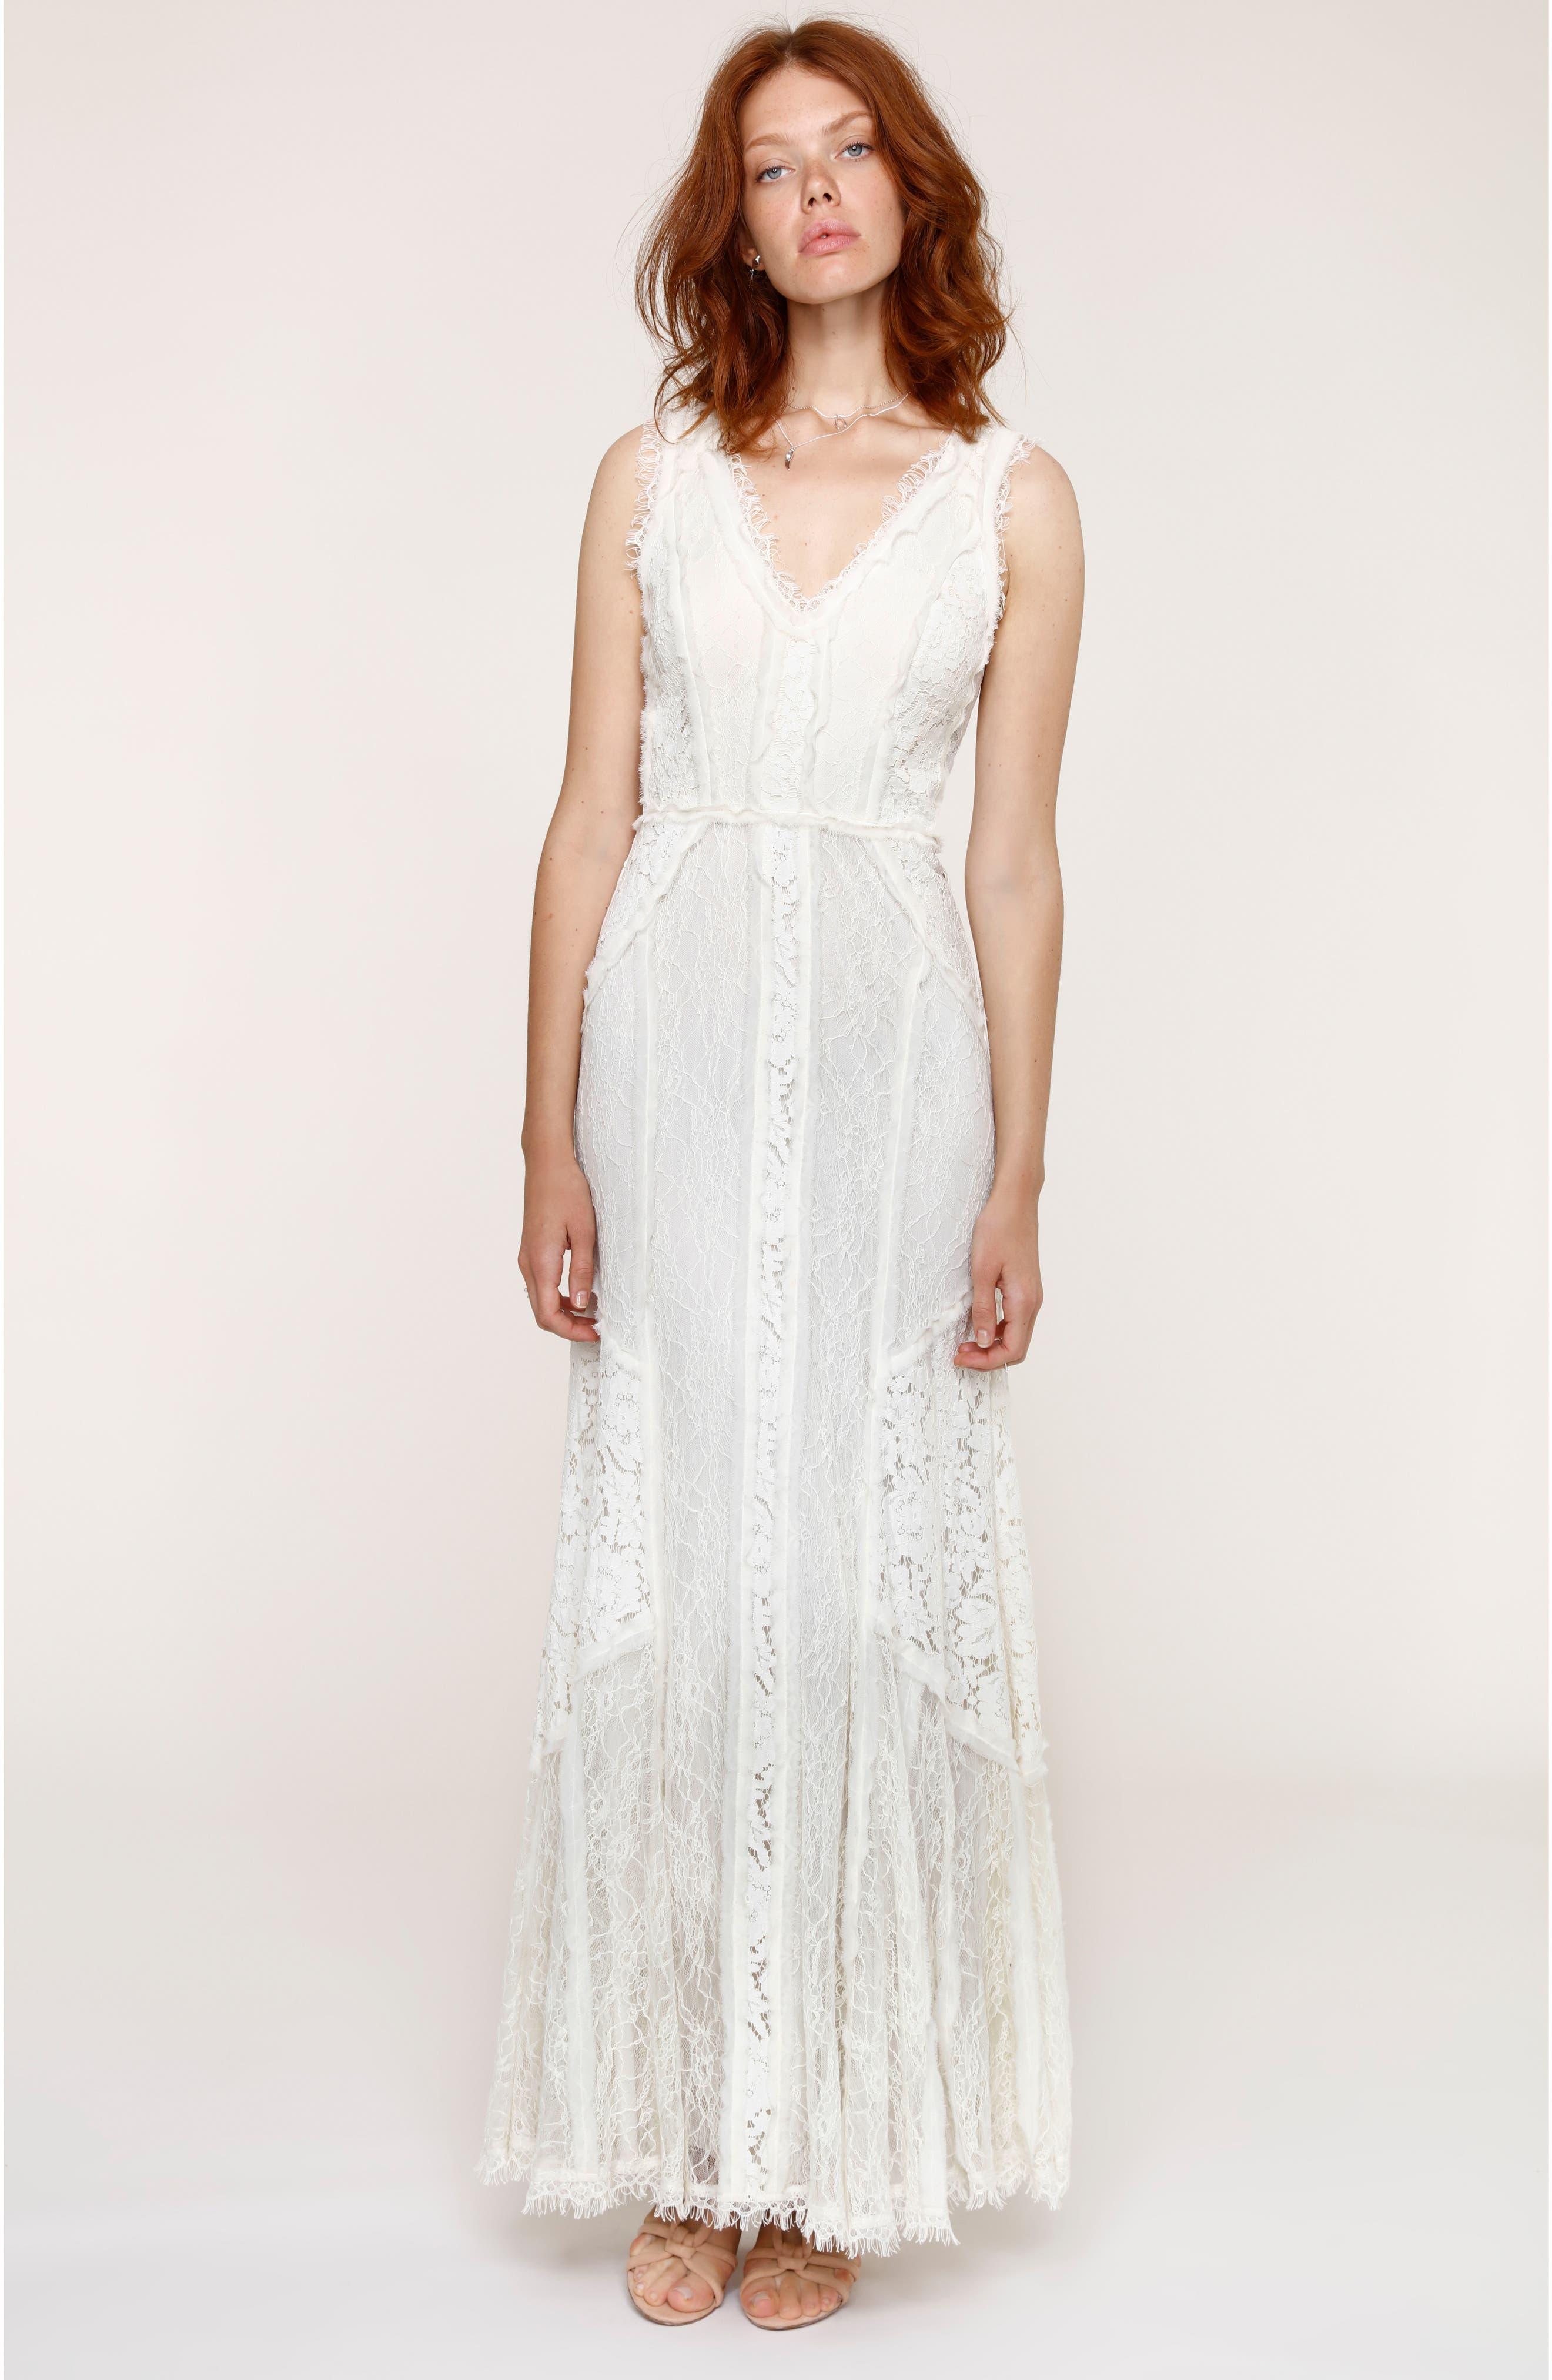 Felix Cutout Back Lace Fit & Flare Dress,                         Main,                         color, Porcelain